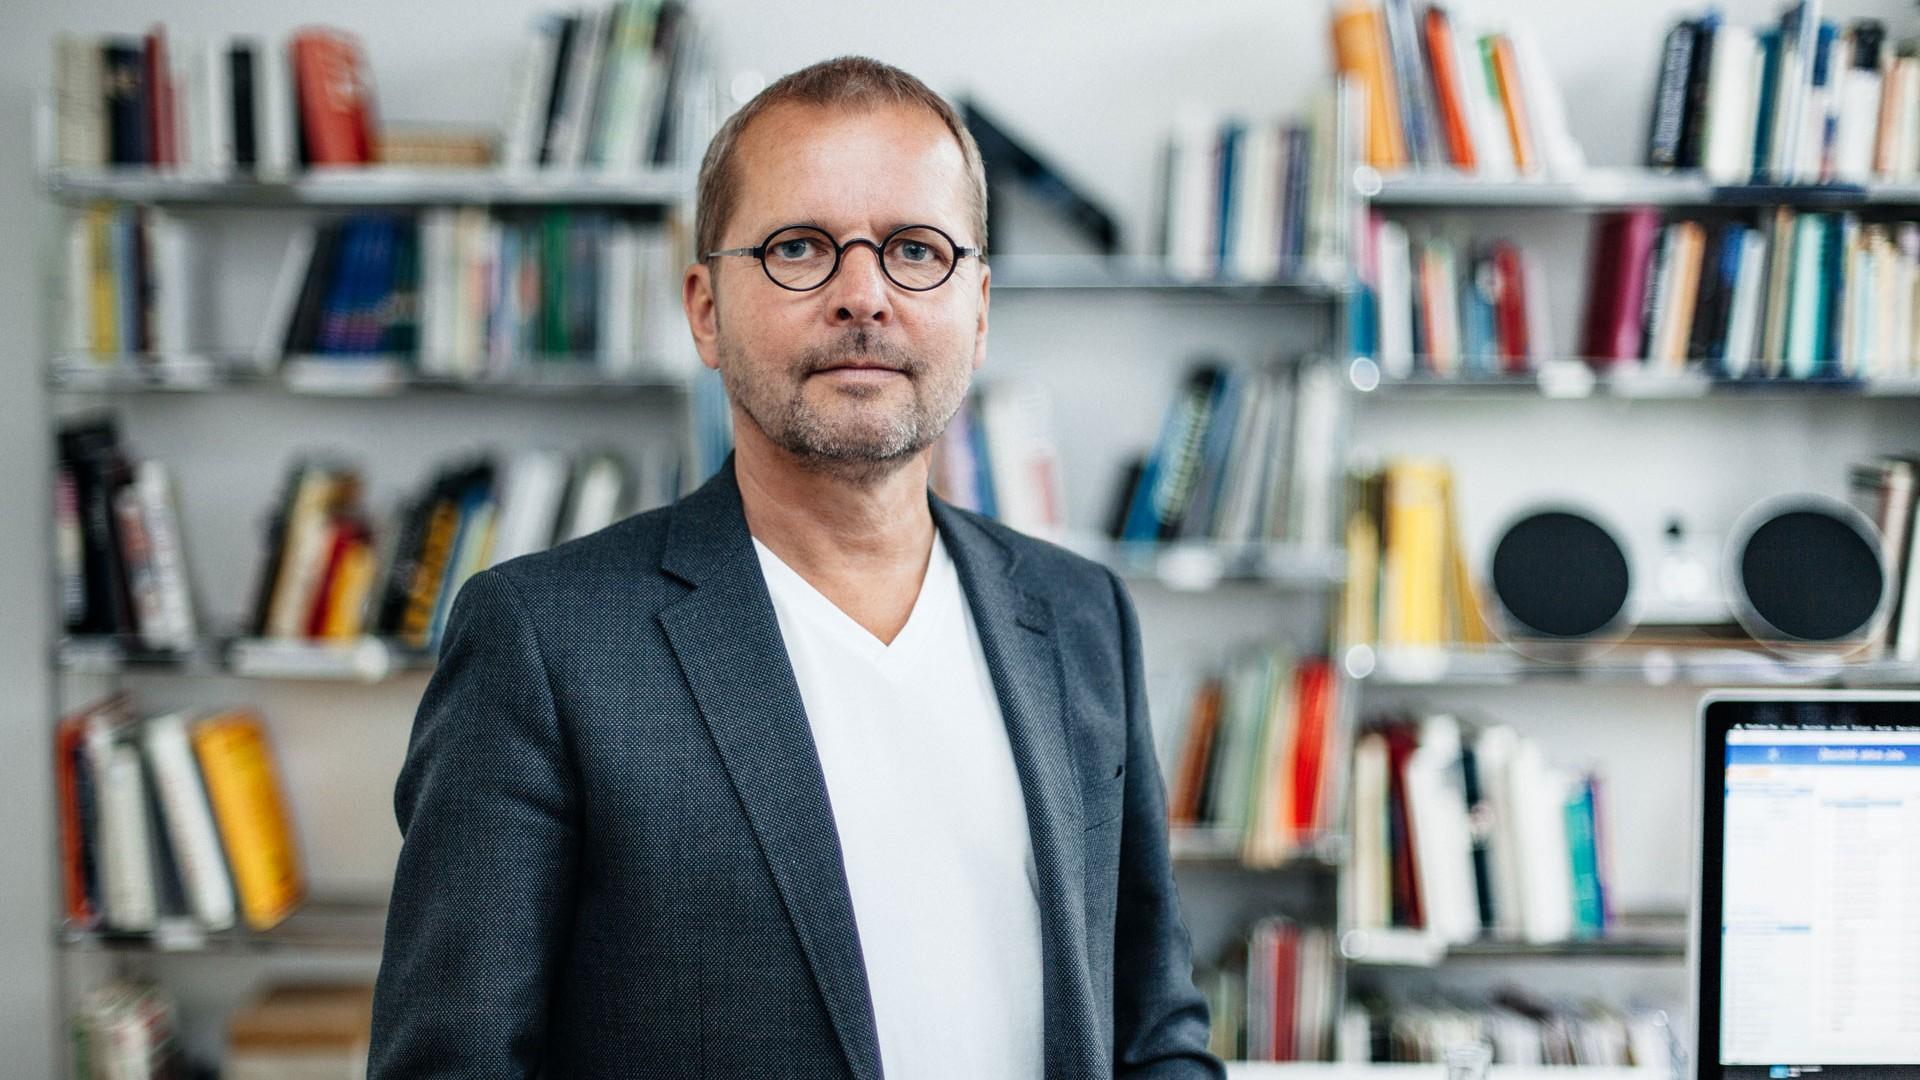 Florian steht in weißem T-Shirt und dunklem Sakko vor dem Bücherregal in seinem Büro. Er trägt einen Dreitagebart und eine Brille mit runden Gläsern.